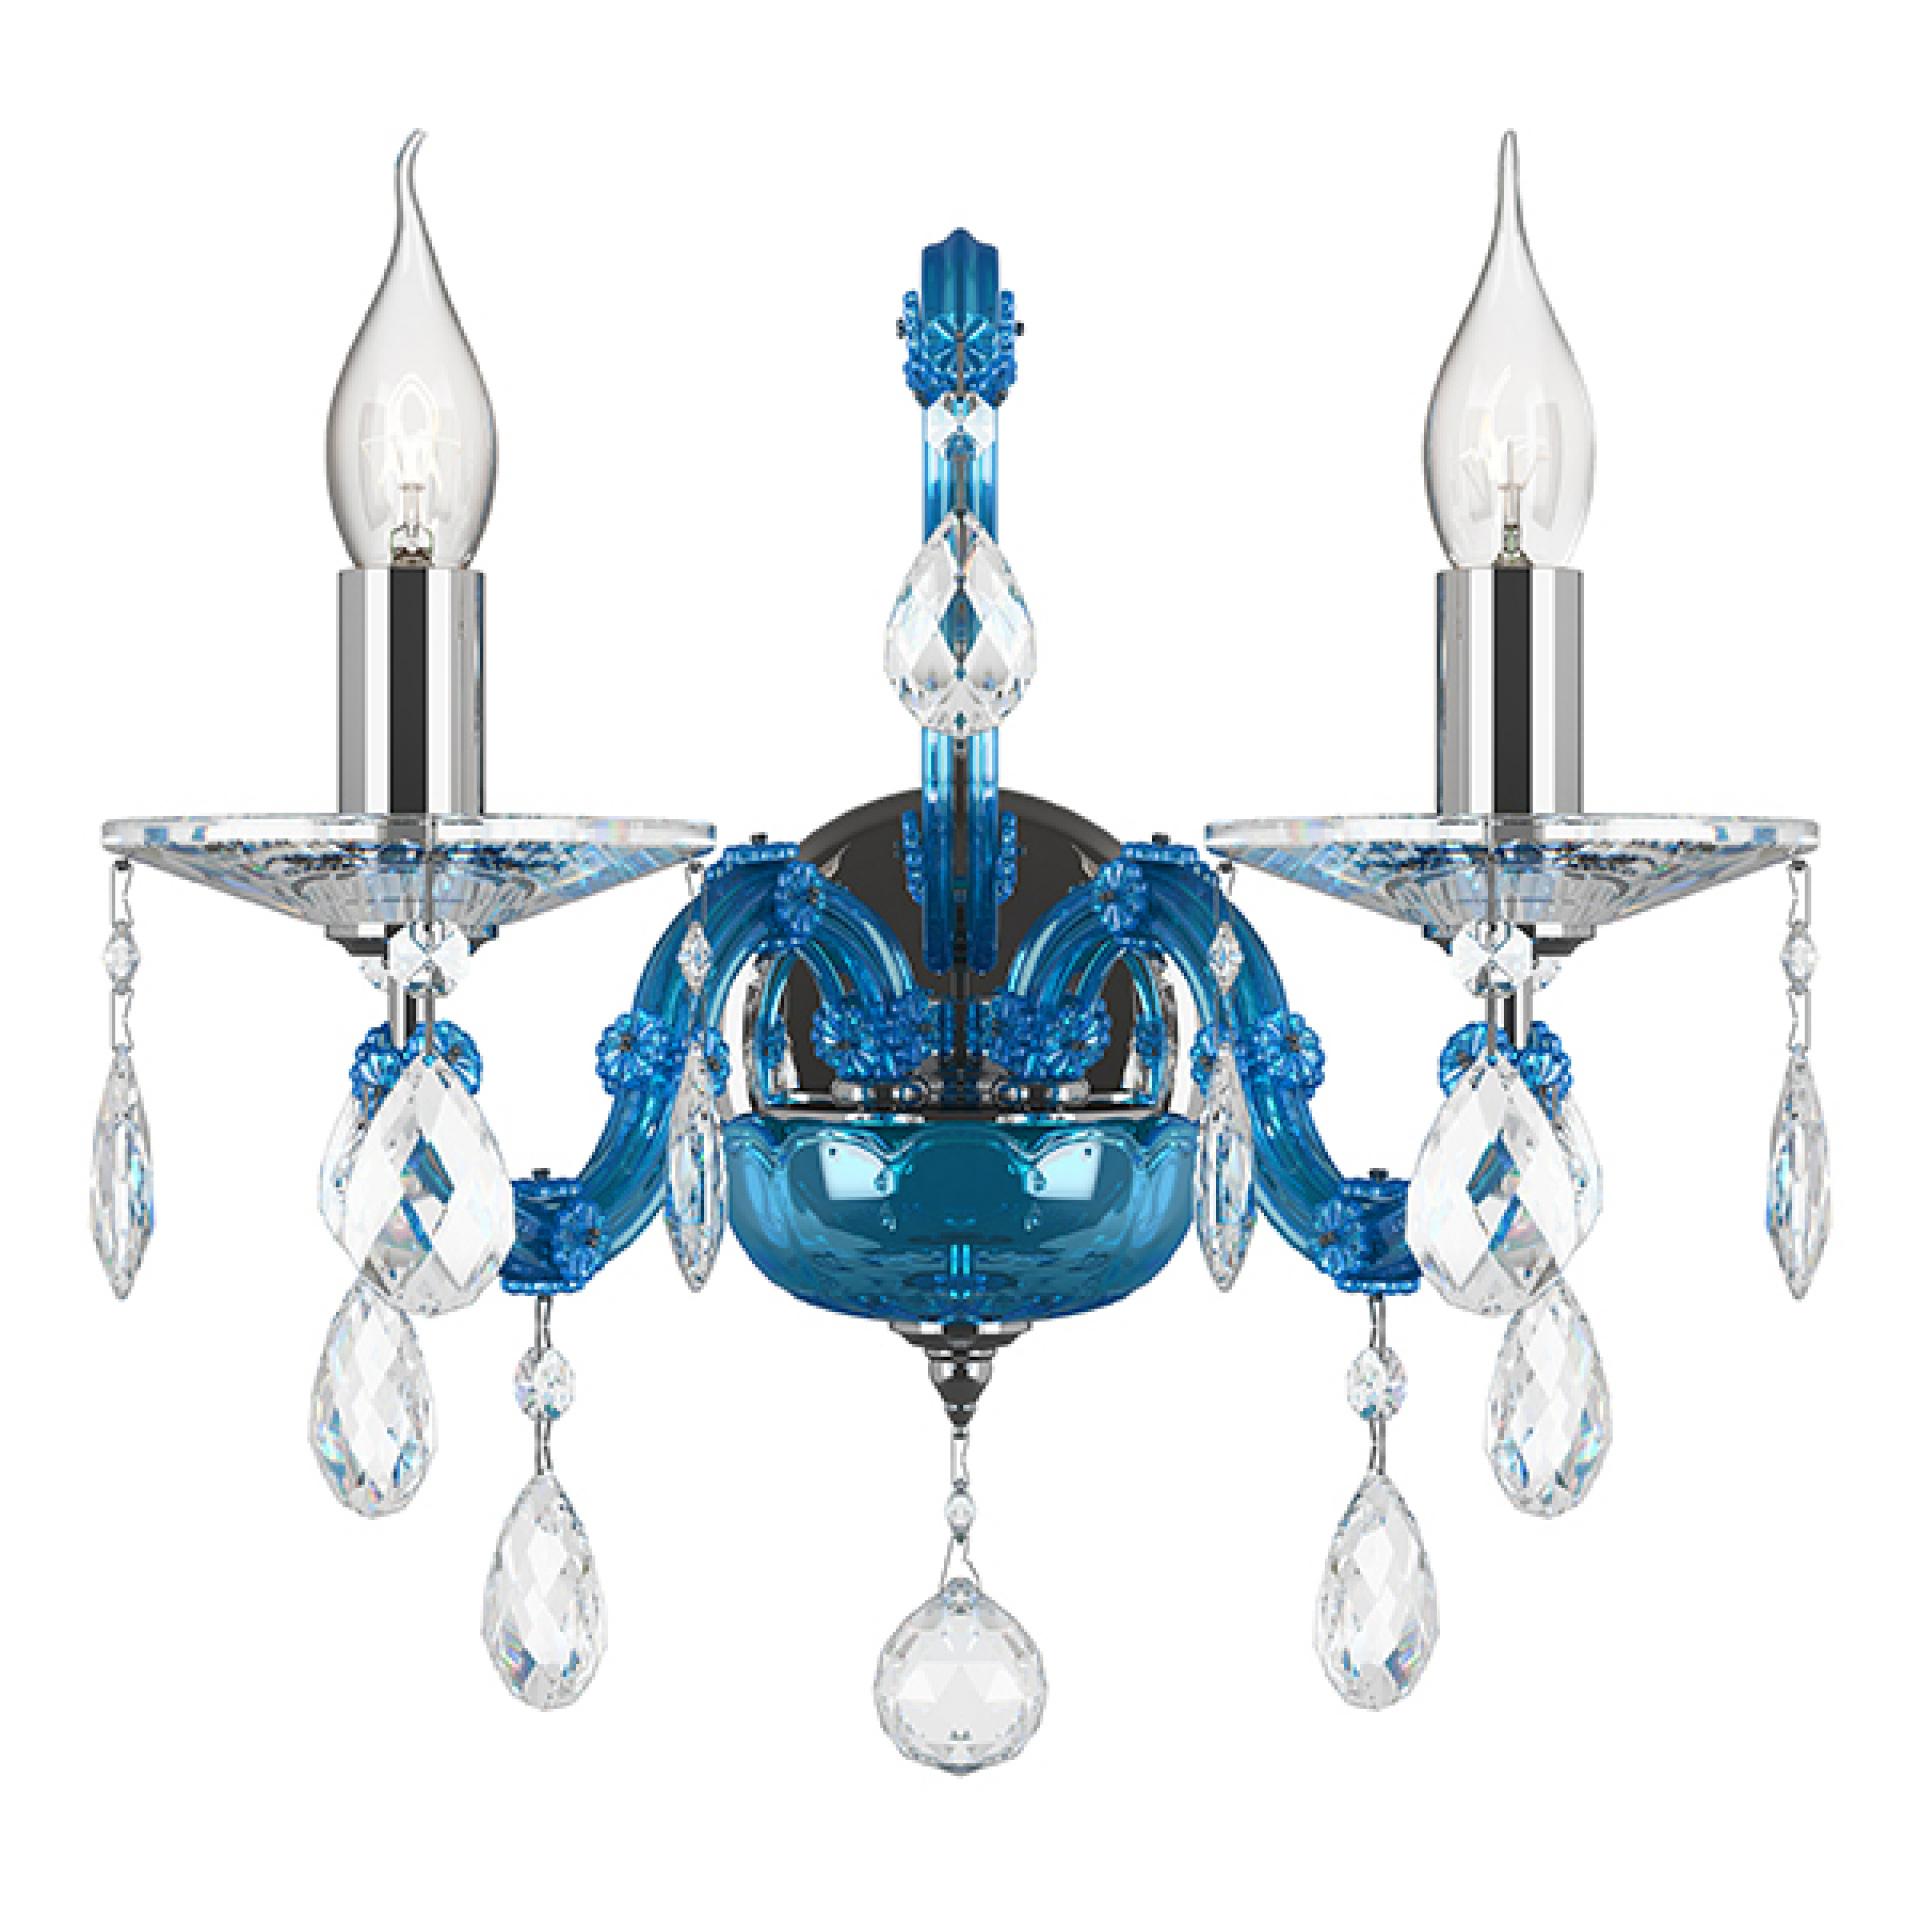 Бра Champa Blu 2х60W E14 голубой Osgona 698625, купить в СПб, Москве, с доставкой, Санкт-Петербург, интернет-магазин люстр и светильников Starlight, фото в жизни